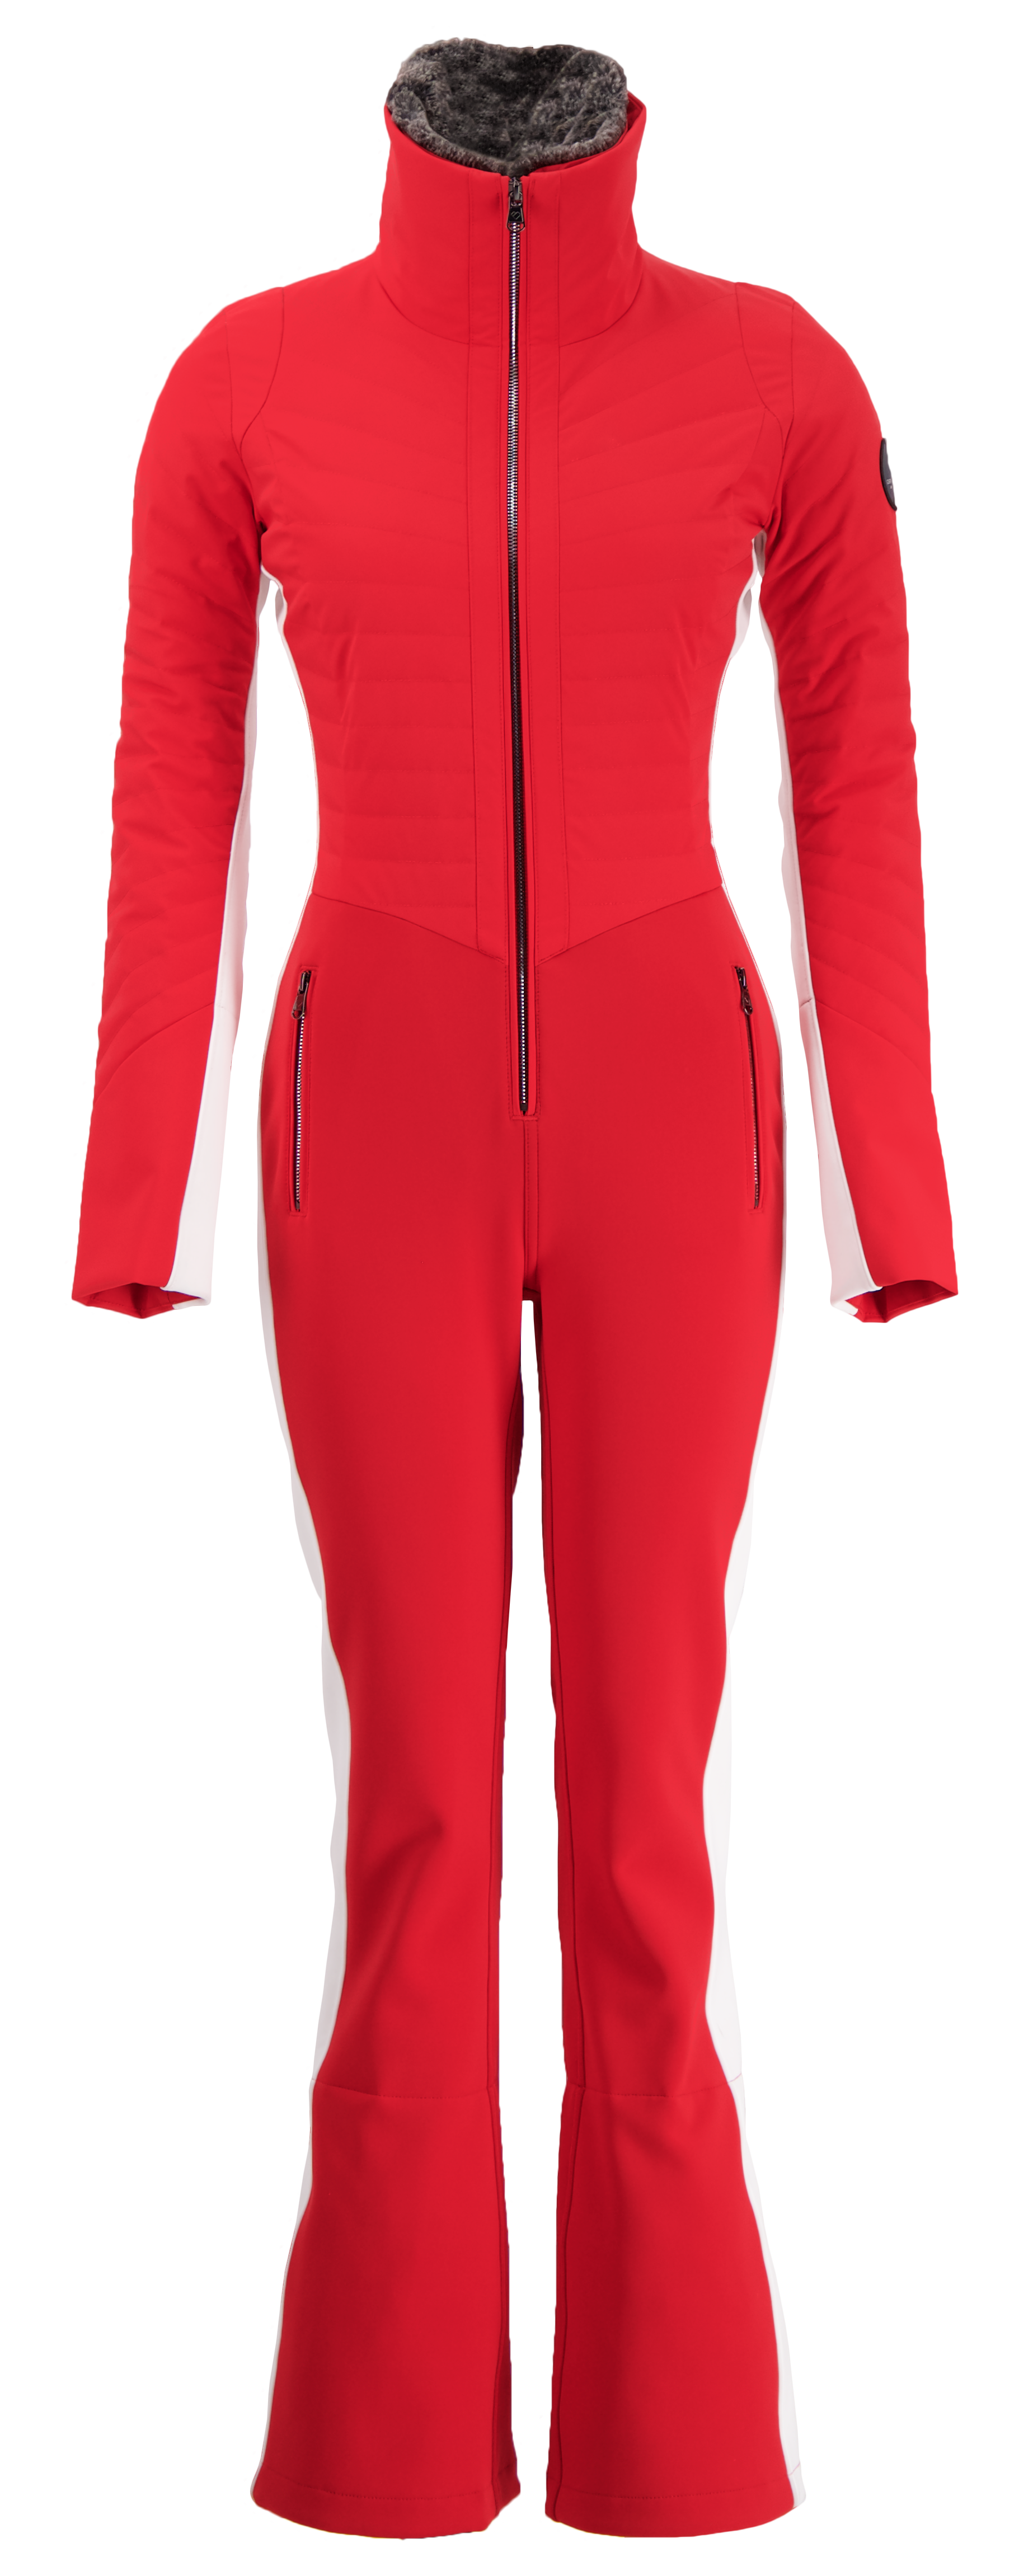 Spyder Alpen Jacket